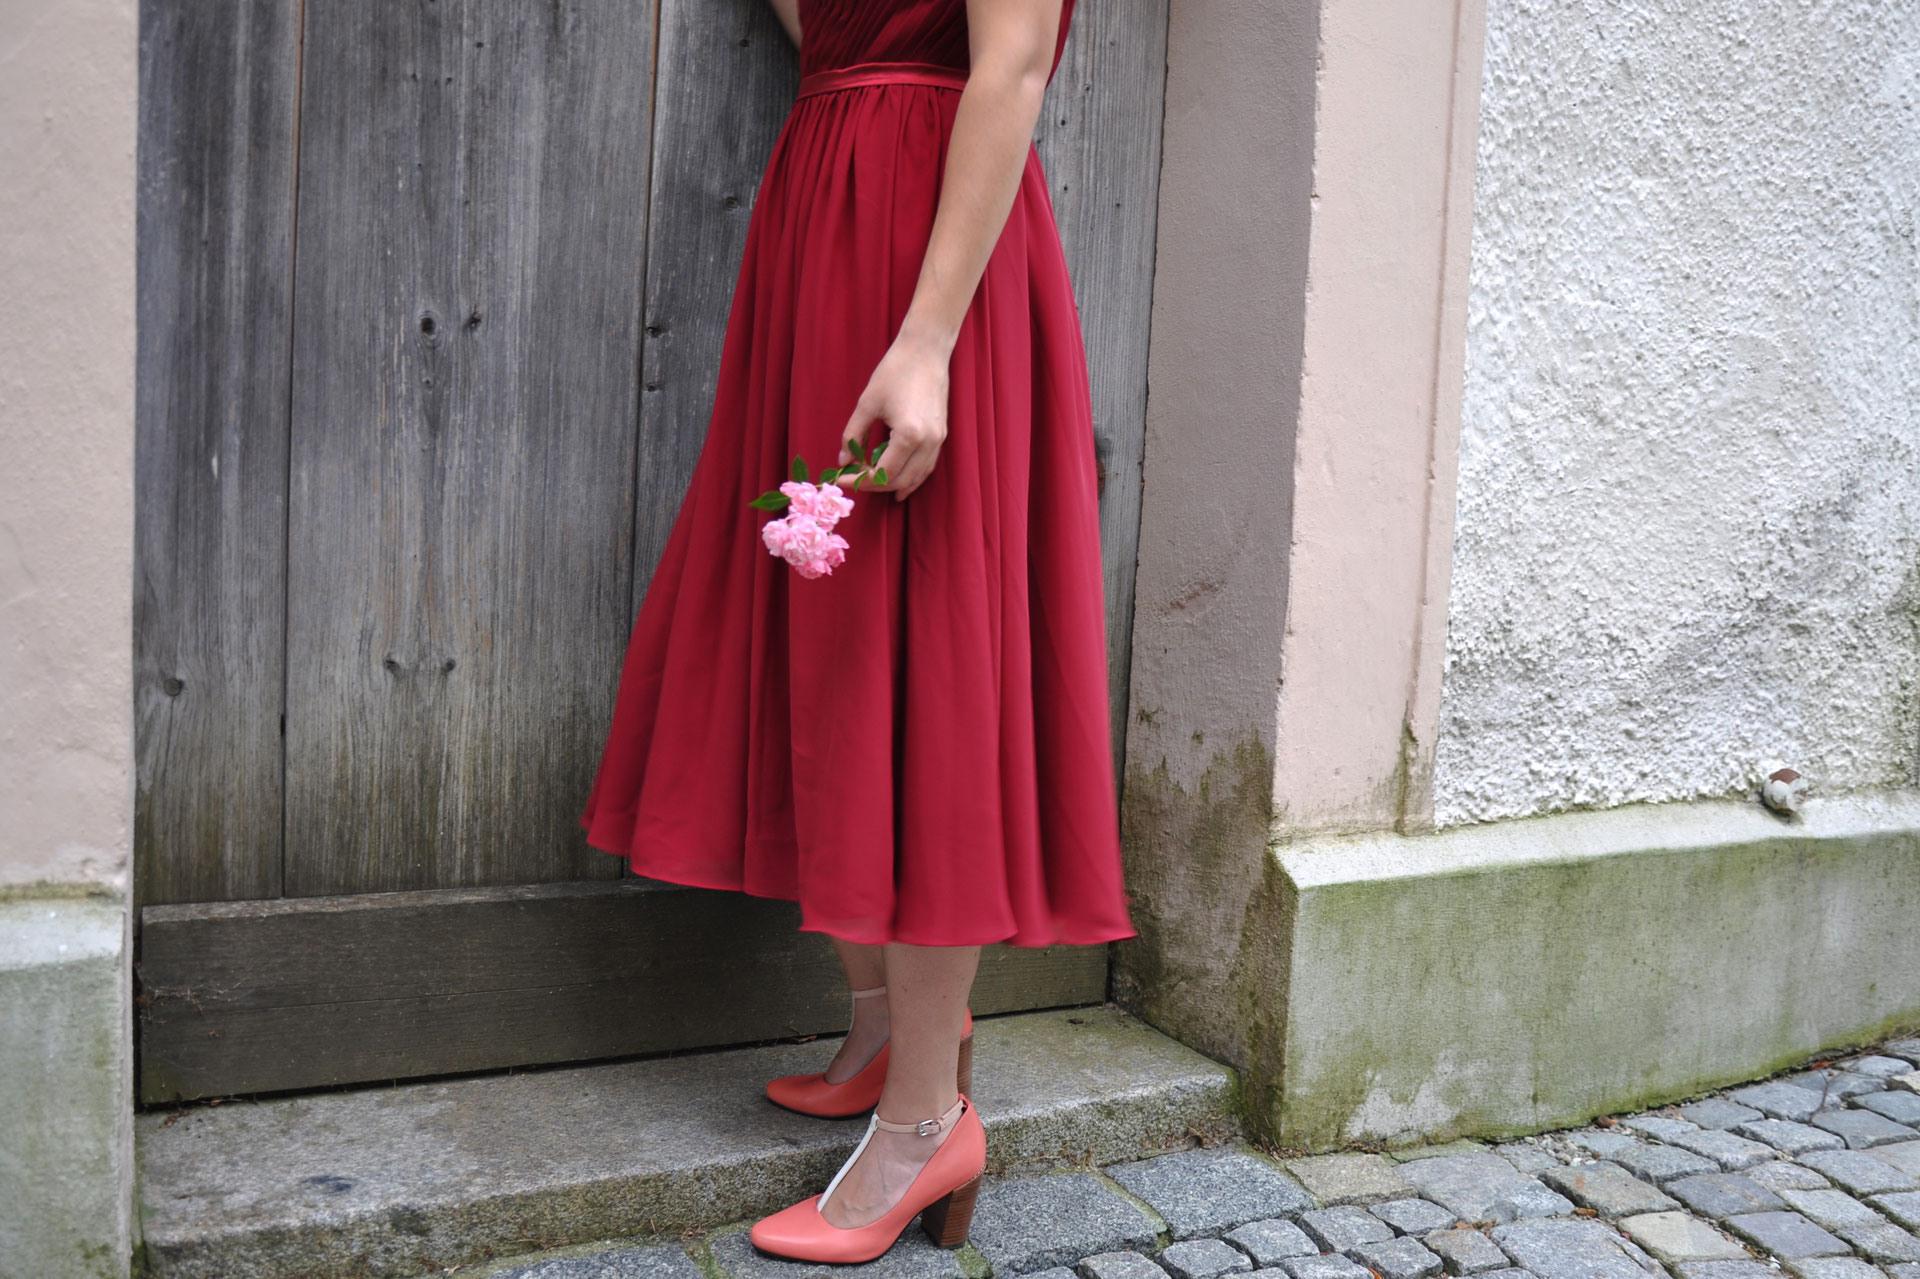 Herbsthochzeit  Gastoutfit  Diyfashion Modeblog Und